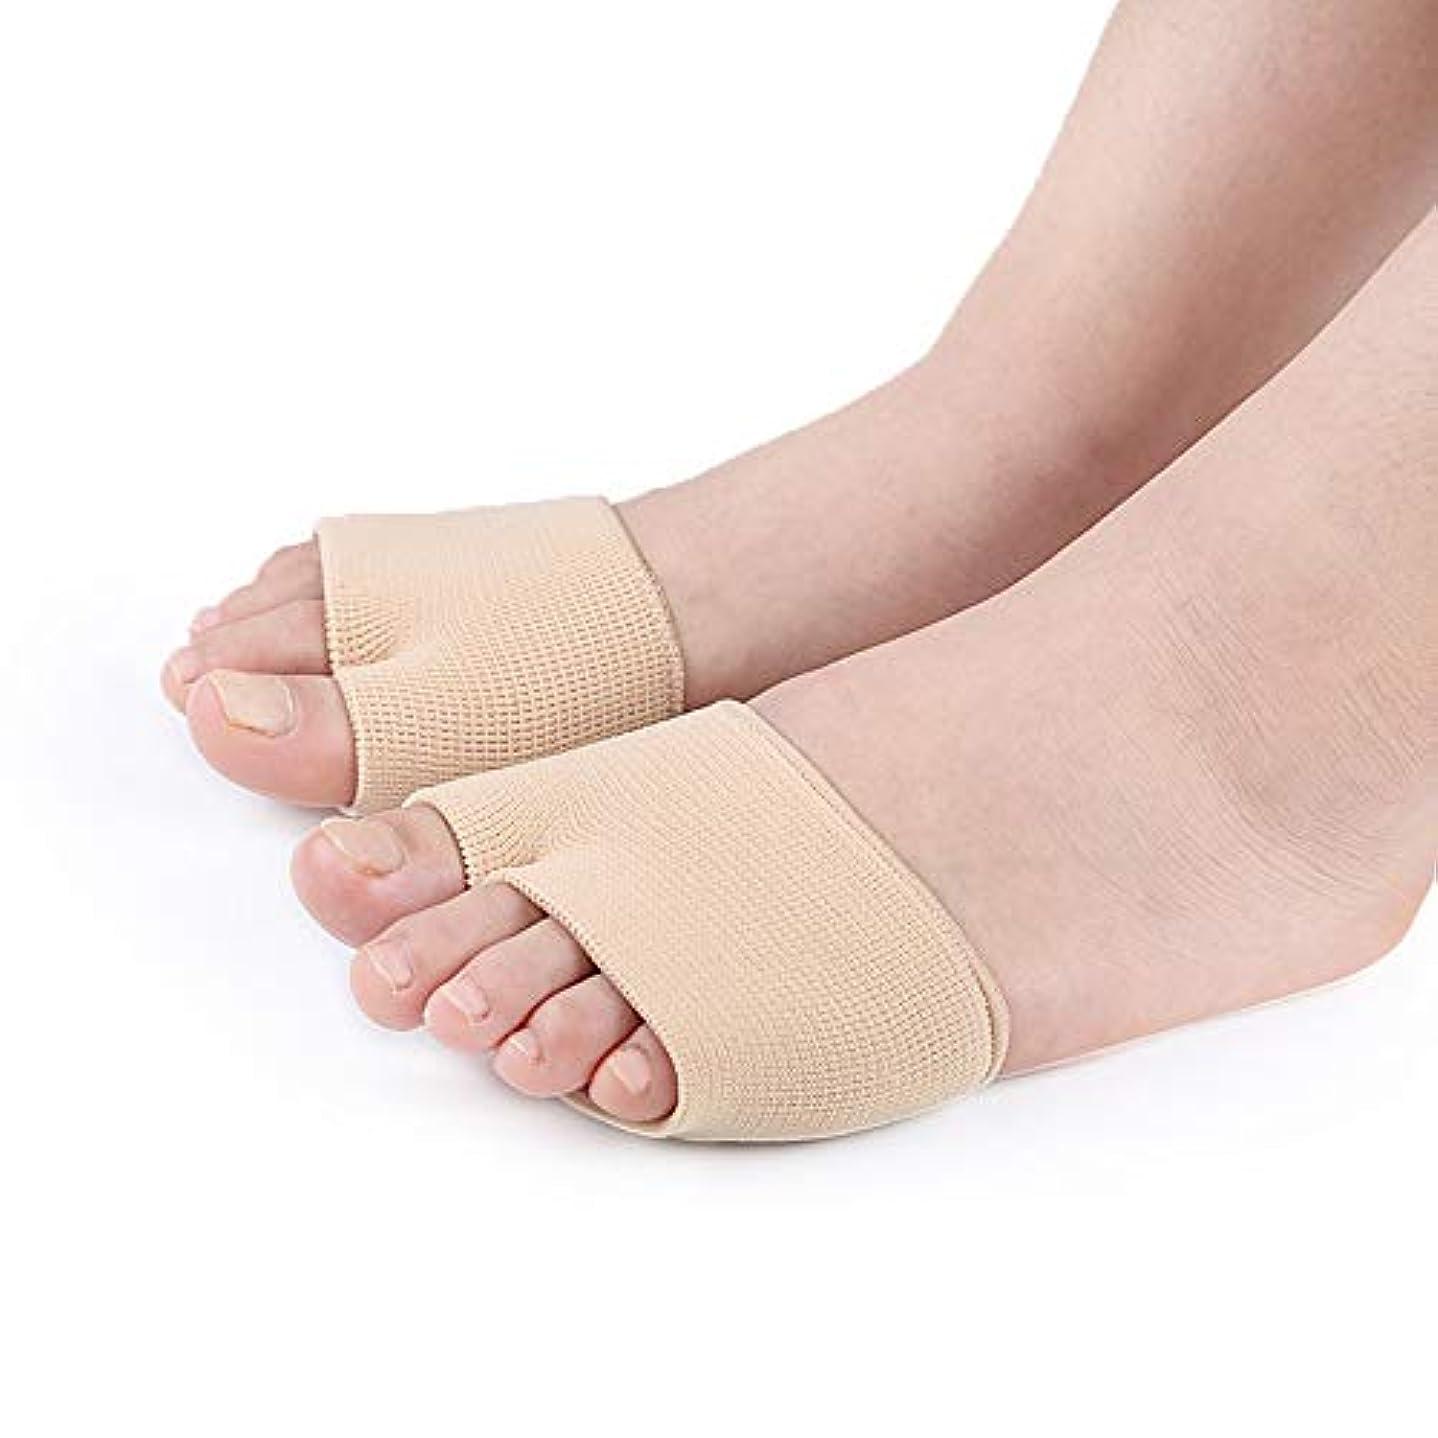 半球十一恐怖症つま先矯正靴下ケアつま先防止重複伸縮性高減衰ダンピング吸収汗通気性ナイロン布SEBS,5pairs,S